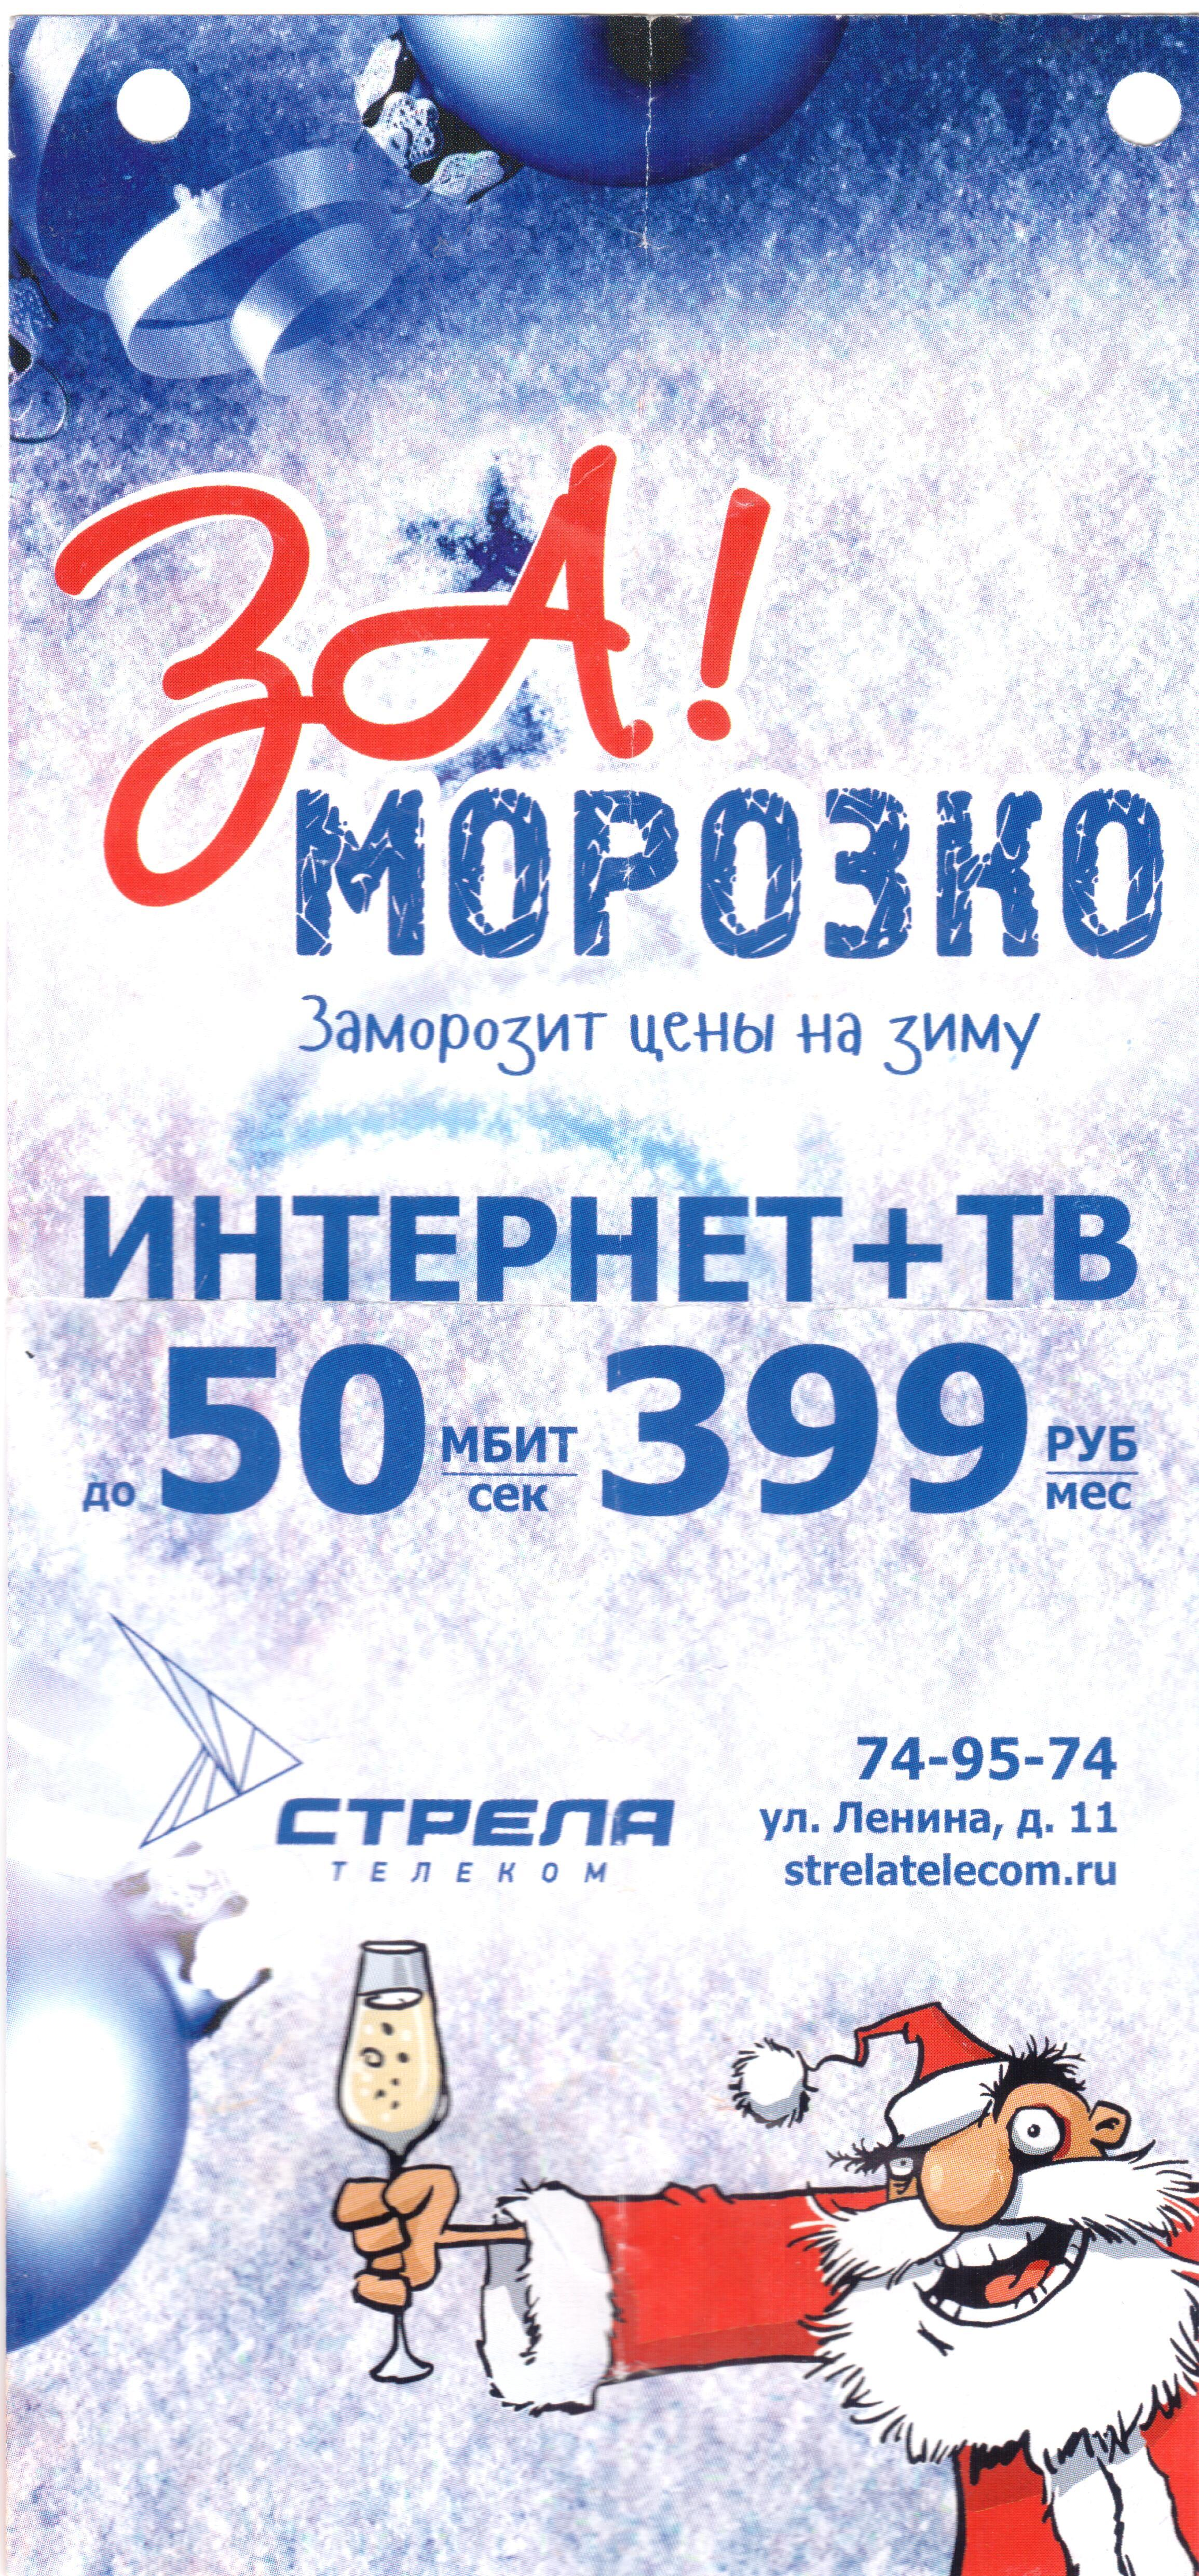 Водичка с газиками… Хабаровский УФАС просит жителей подсказать, что пьёт Дед Мороз